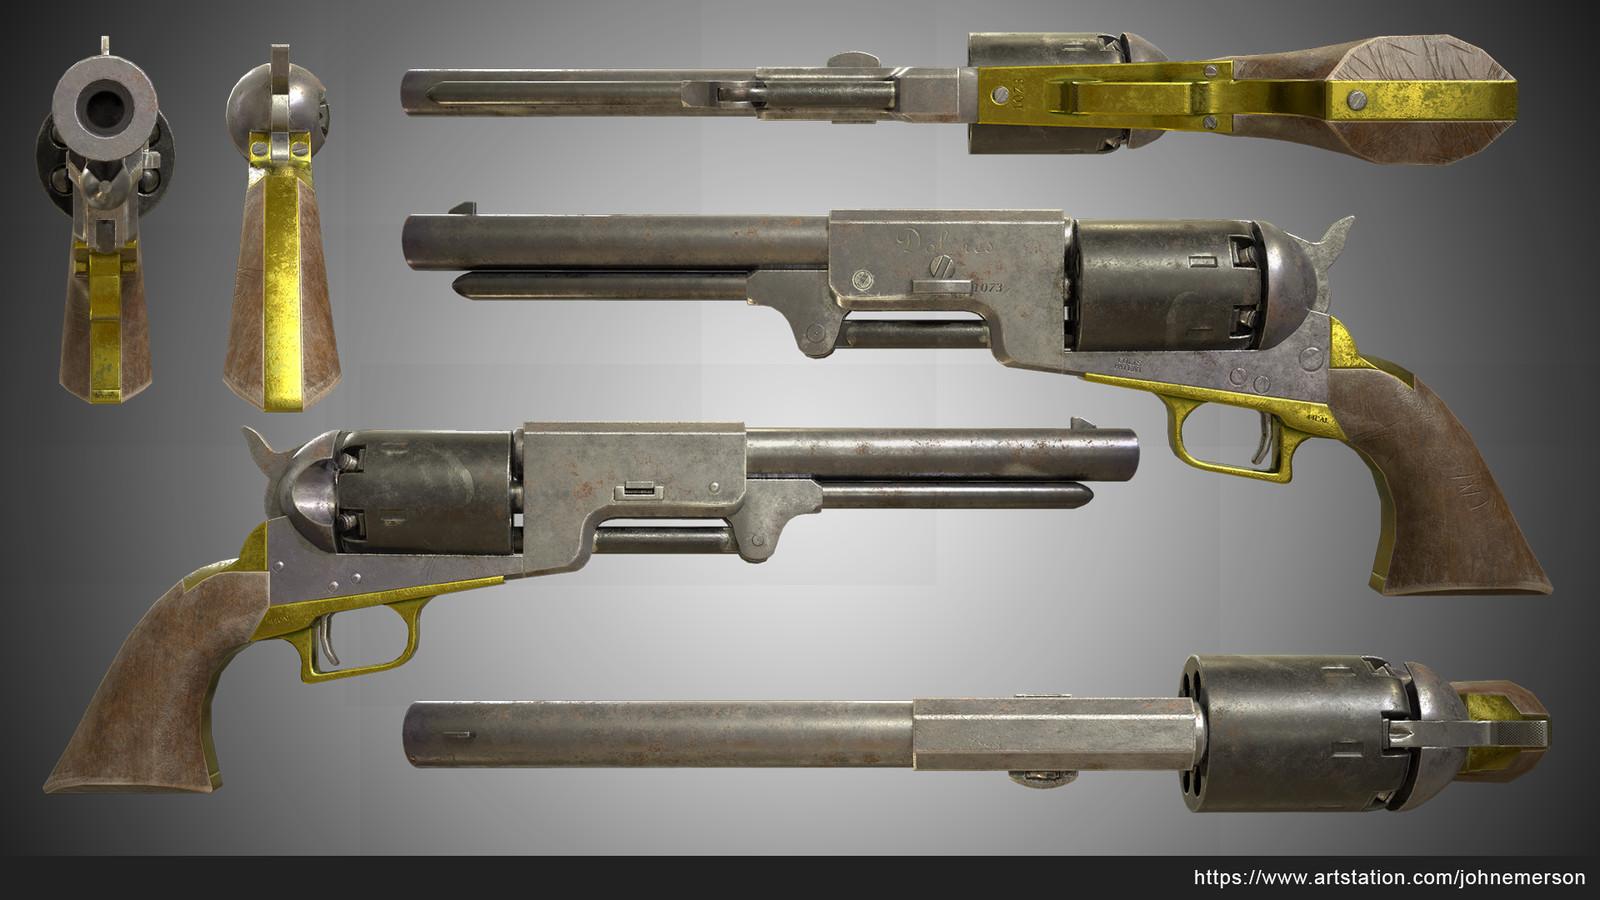 Colt 1847 Full Material